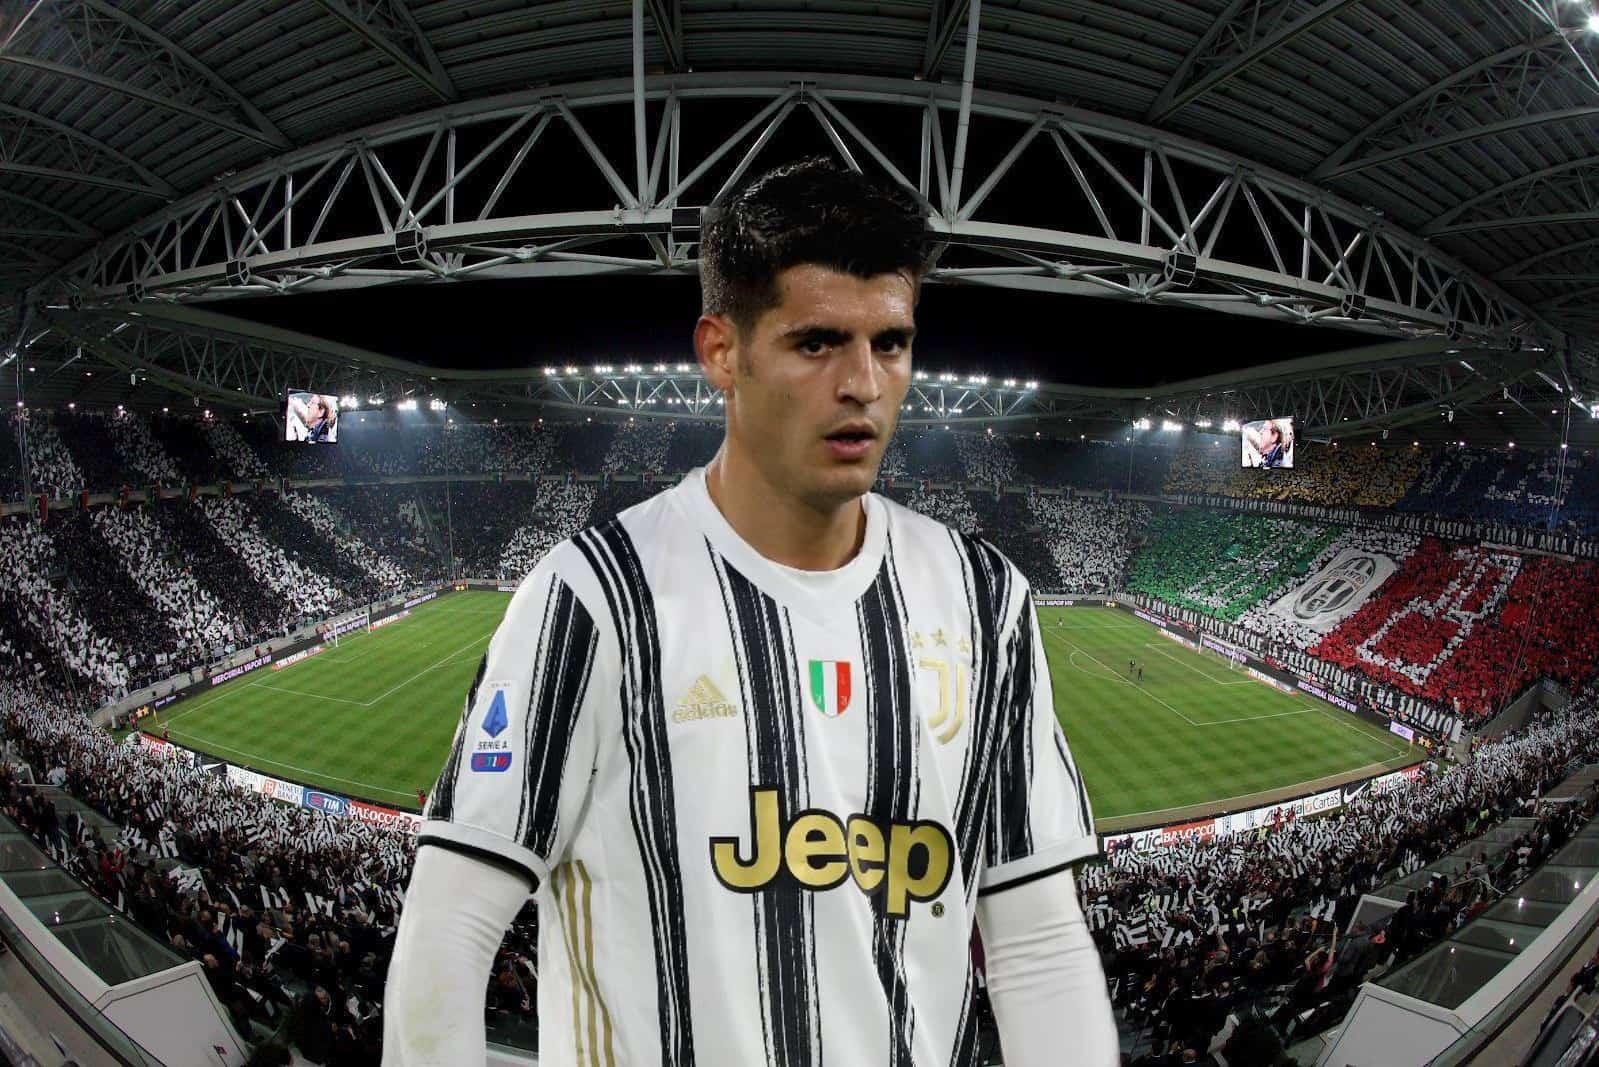 Verona Juventus, i convocati di Pirlo: rientra solo Rabiot, in tanti dall